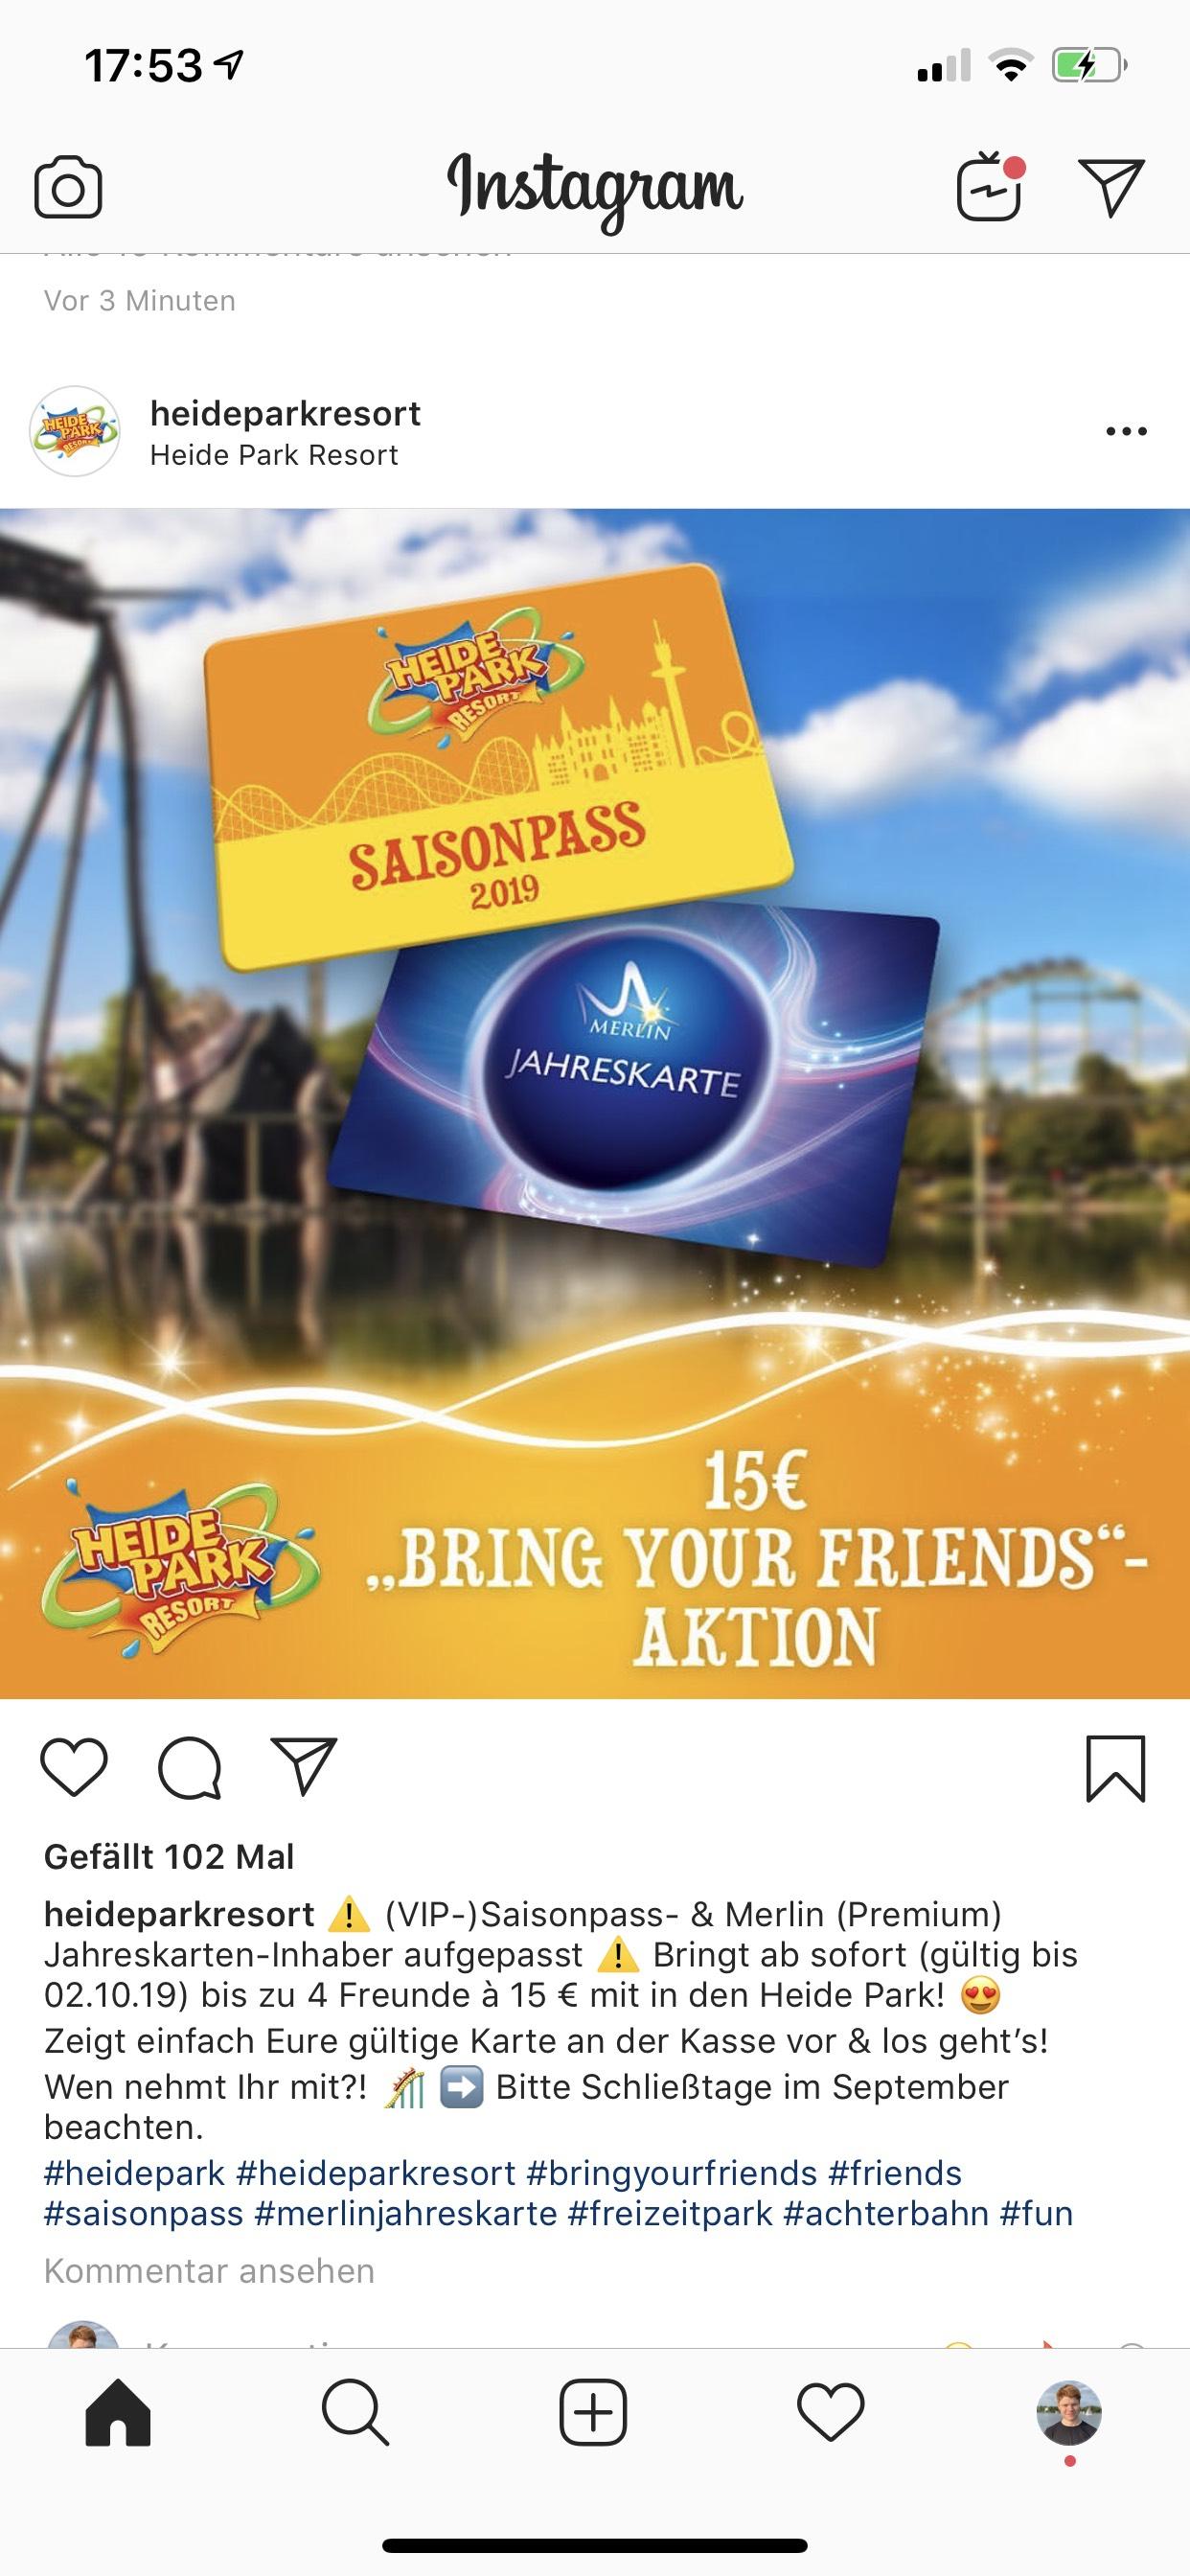 Heide-Park Jahreskarteninhaber - Bring a friend 15€